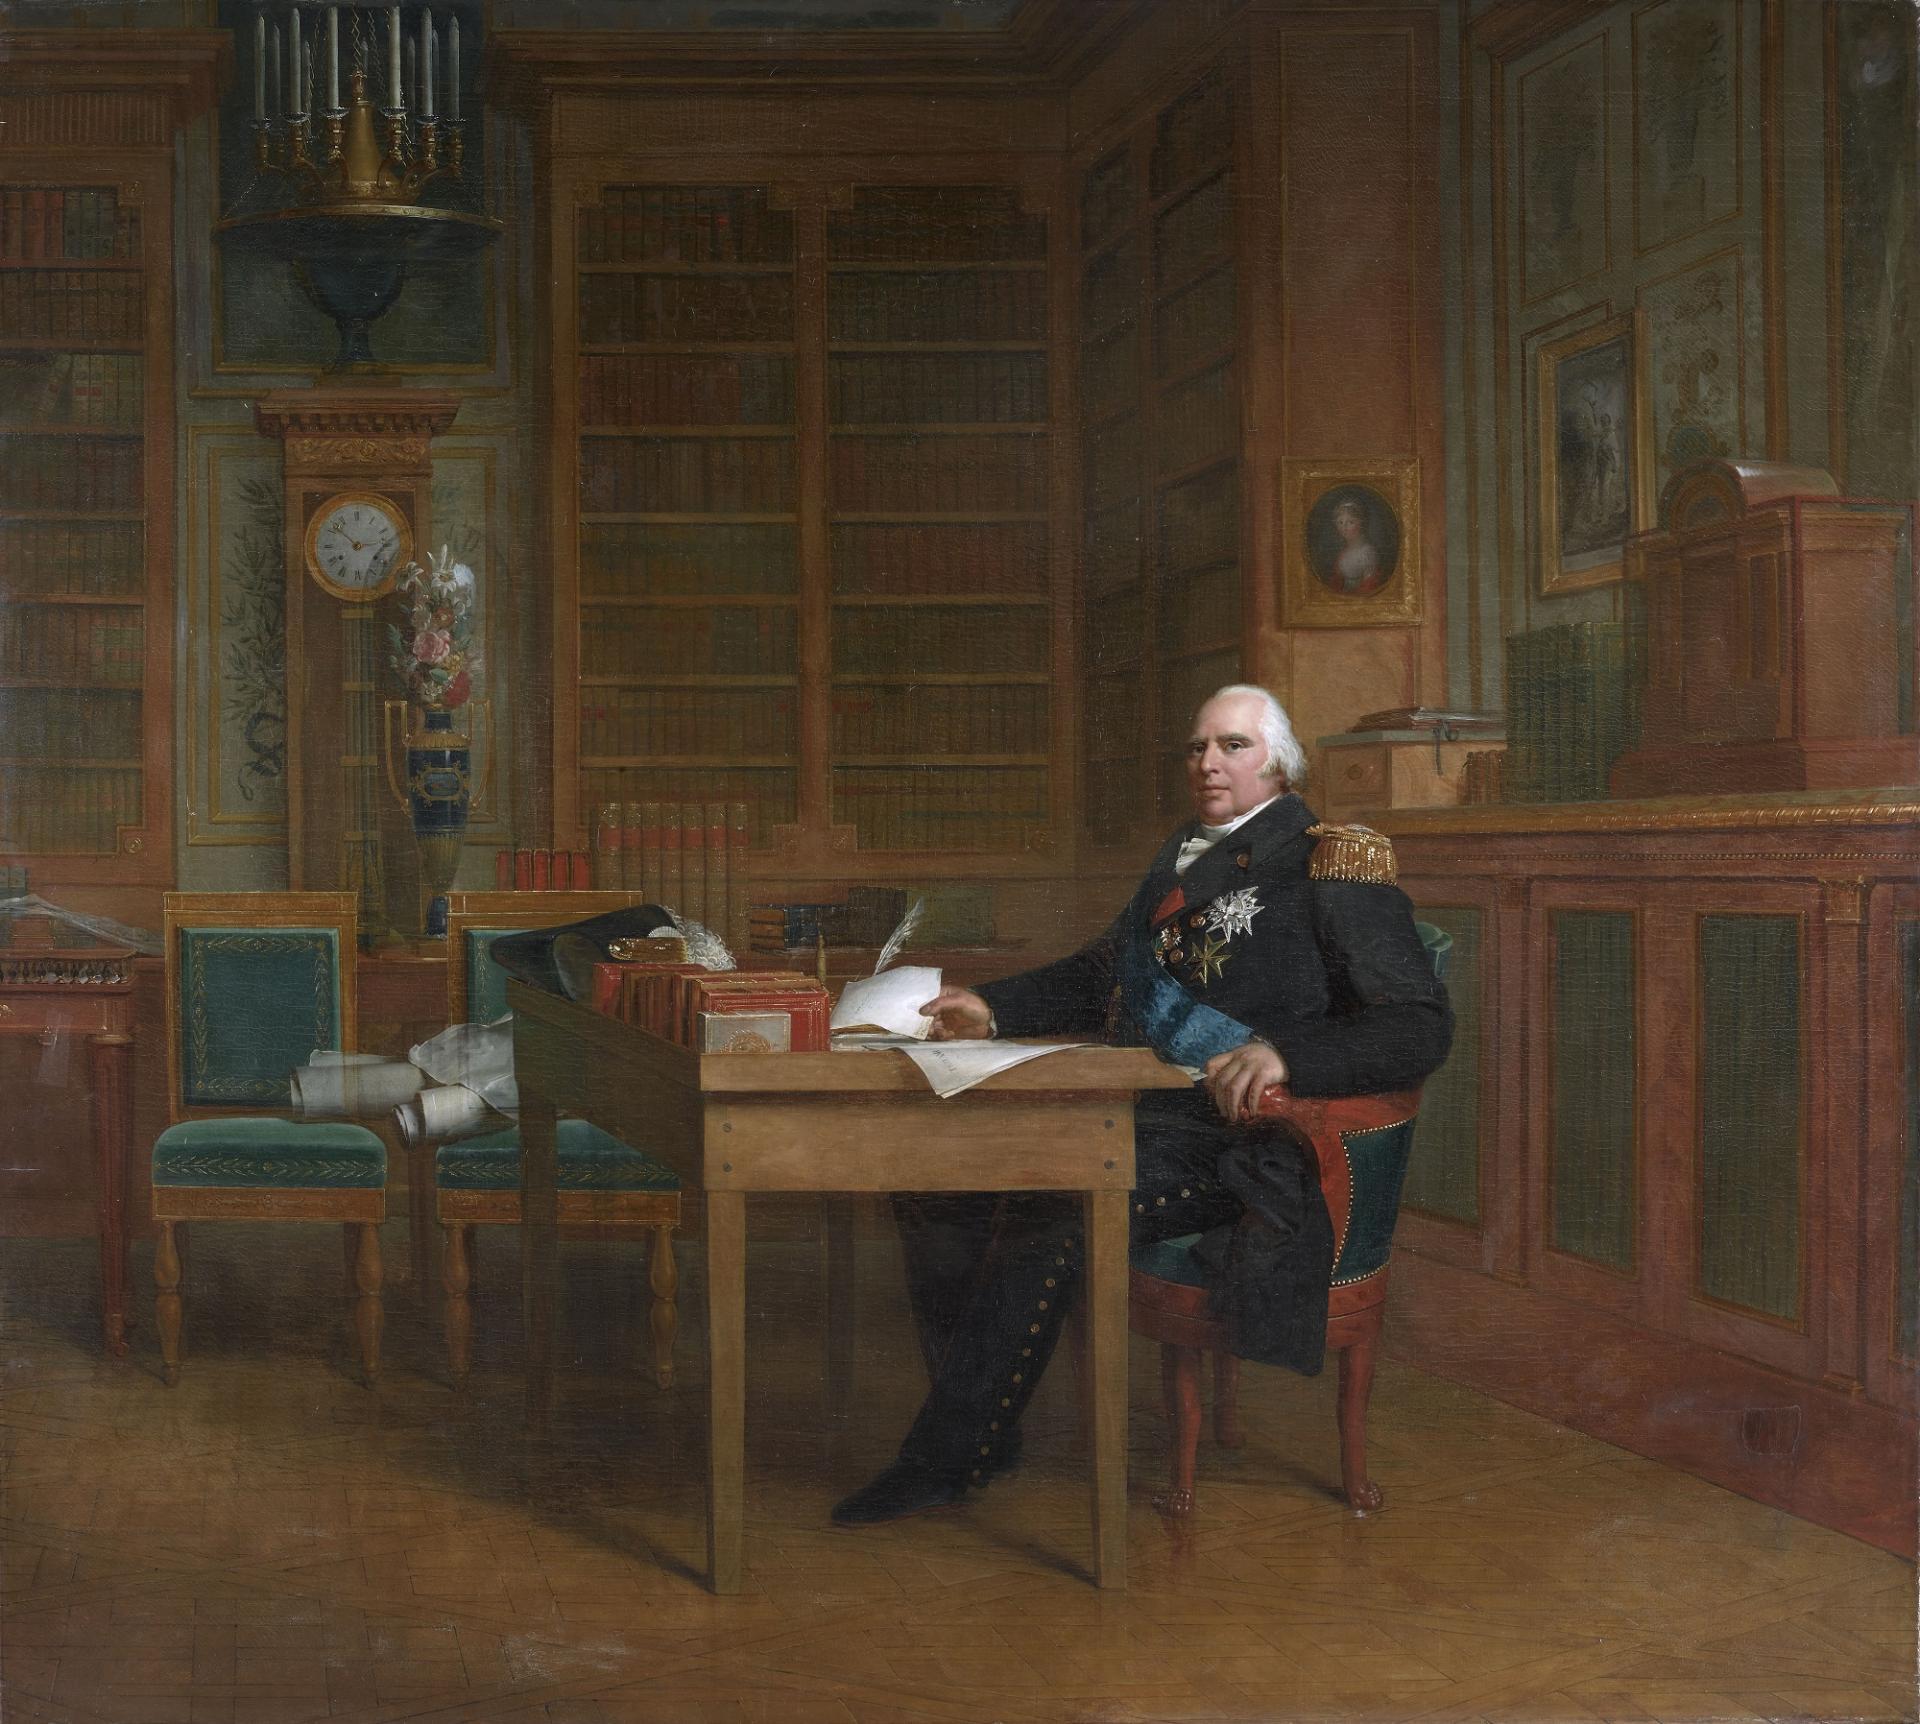 Le roi louis xviii dans son cabinet de travail des tuileries bgw17 0044